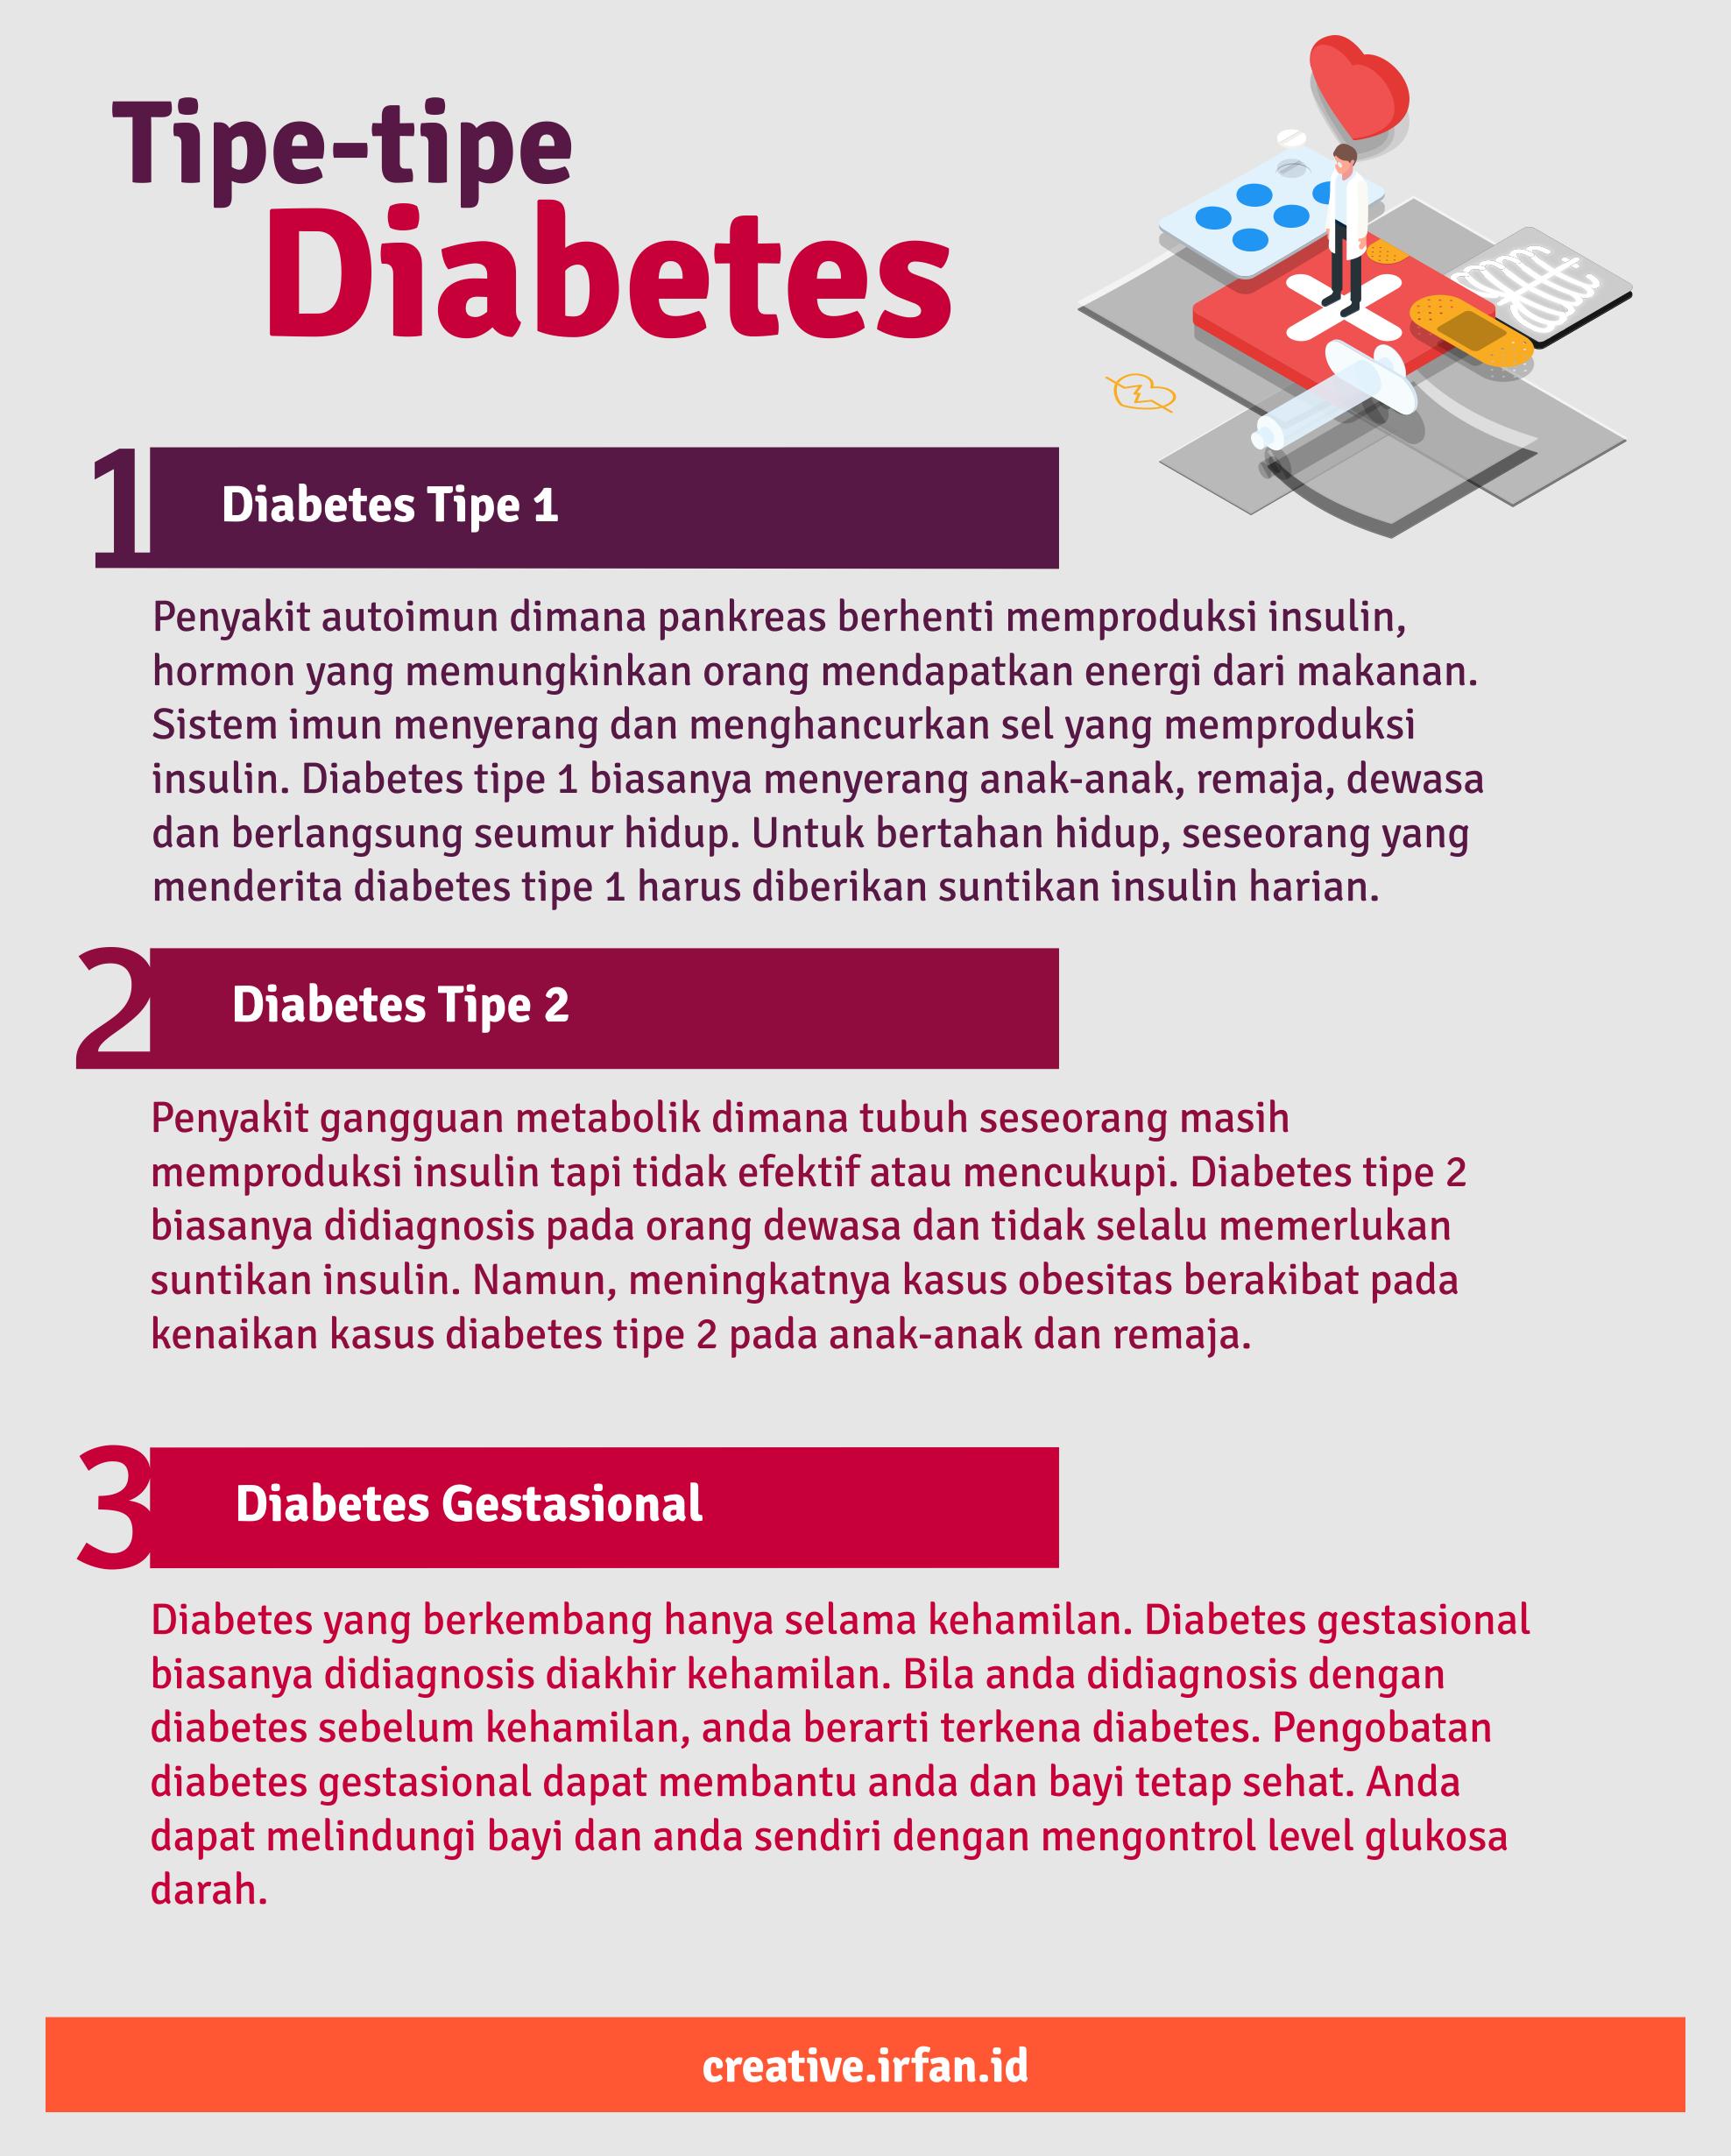 Gaya Hidup Sehat: Mengenal, Mencegah Dan Melawan Diabetes (Infografis) 2